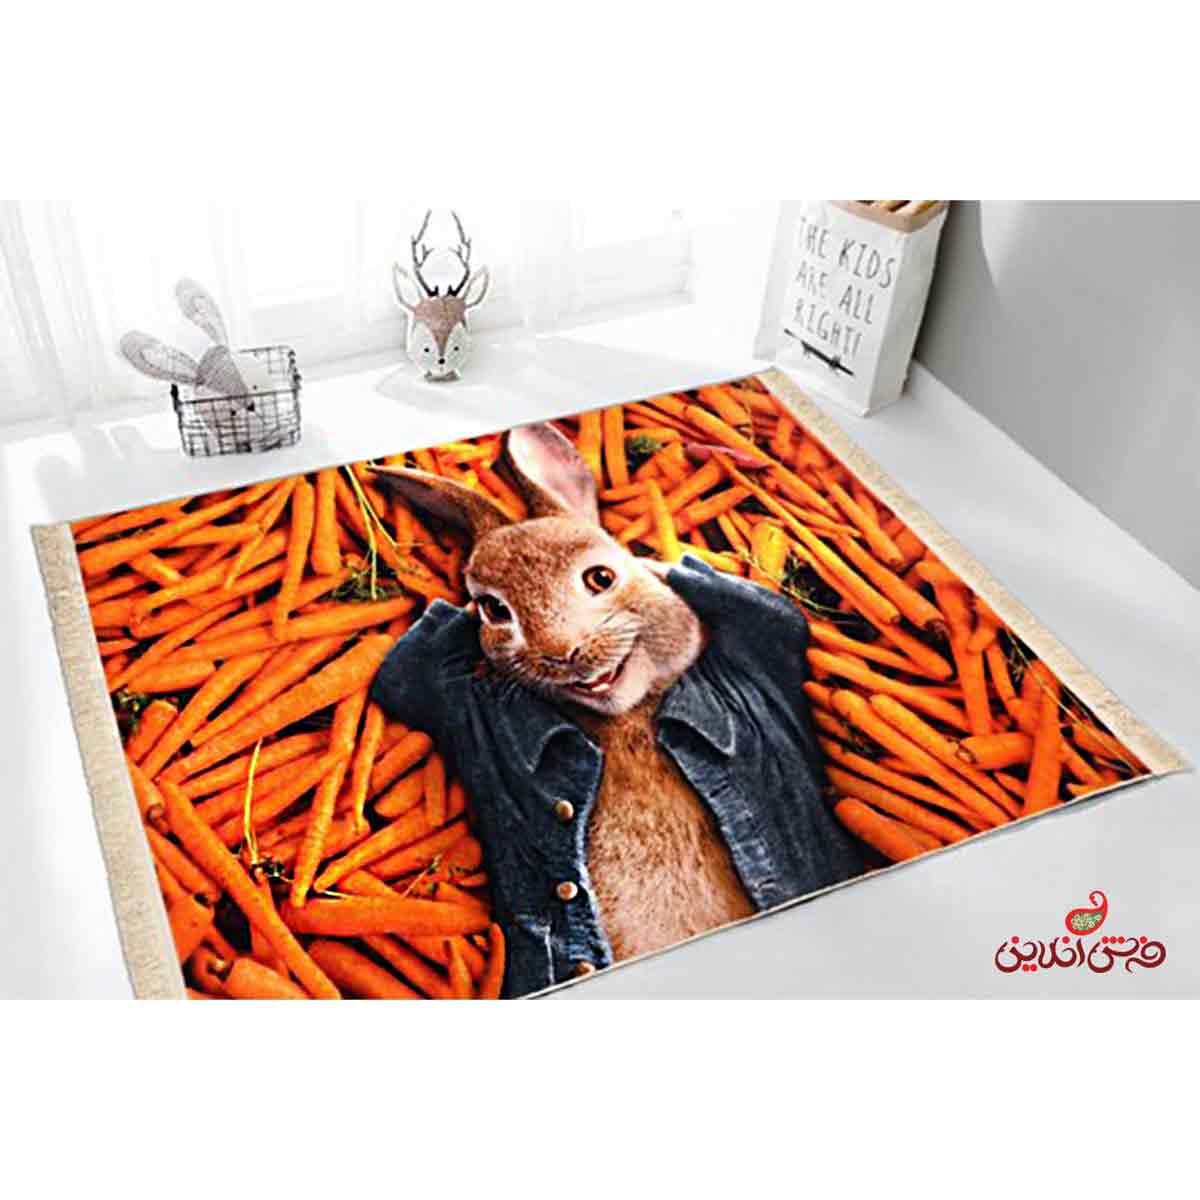 فرش ماشینی کودک کلاریس طرح پیتر خرگوشه کد 100219